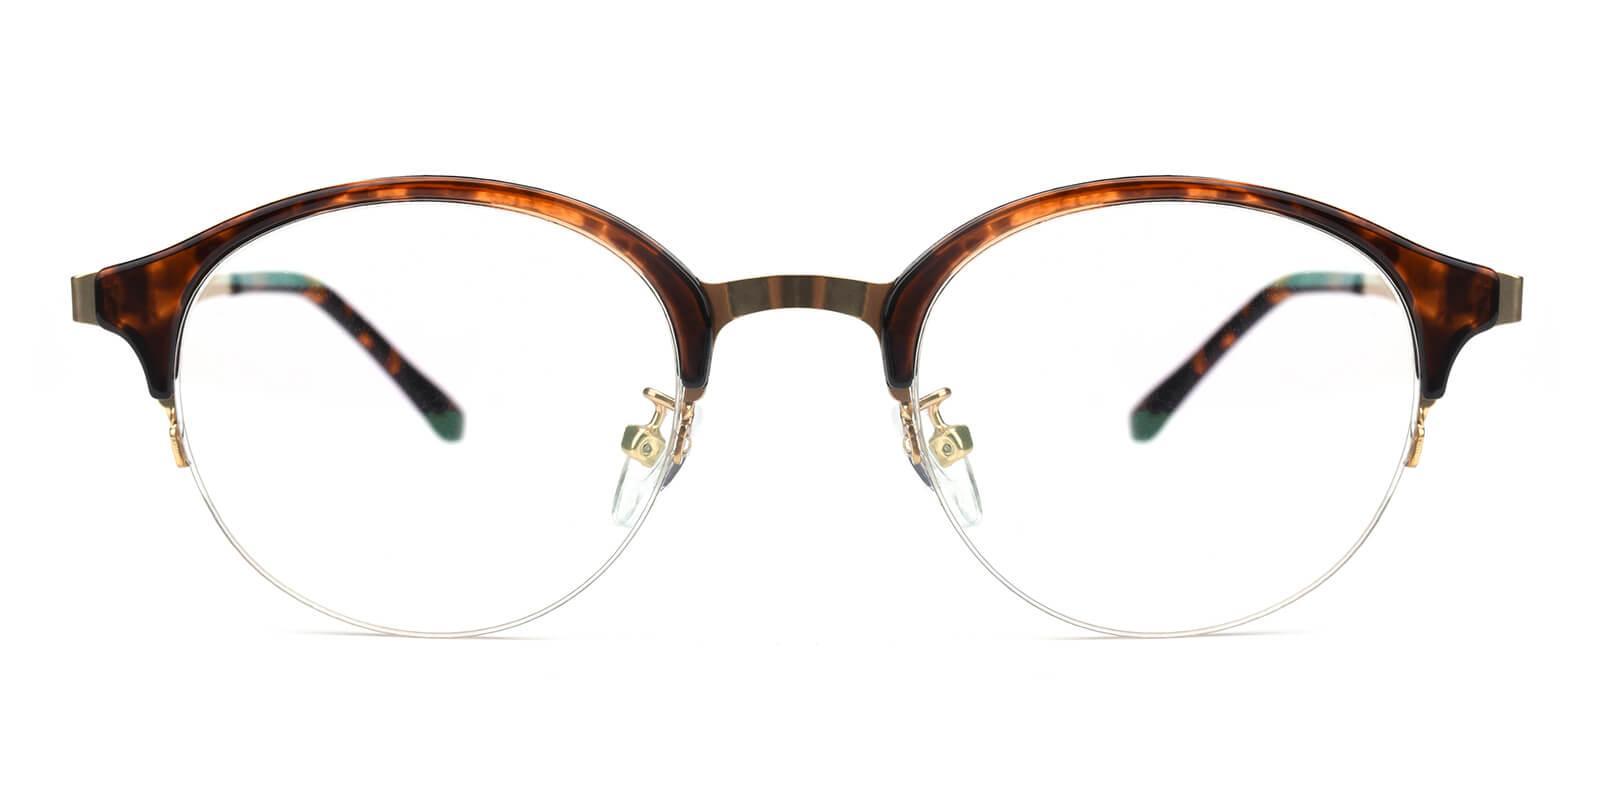 Akaaro-Tortoise-Oval-Metal-Eyeglasses-additional2